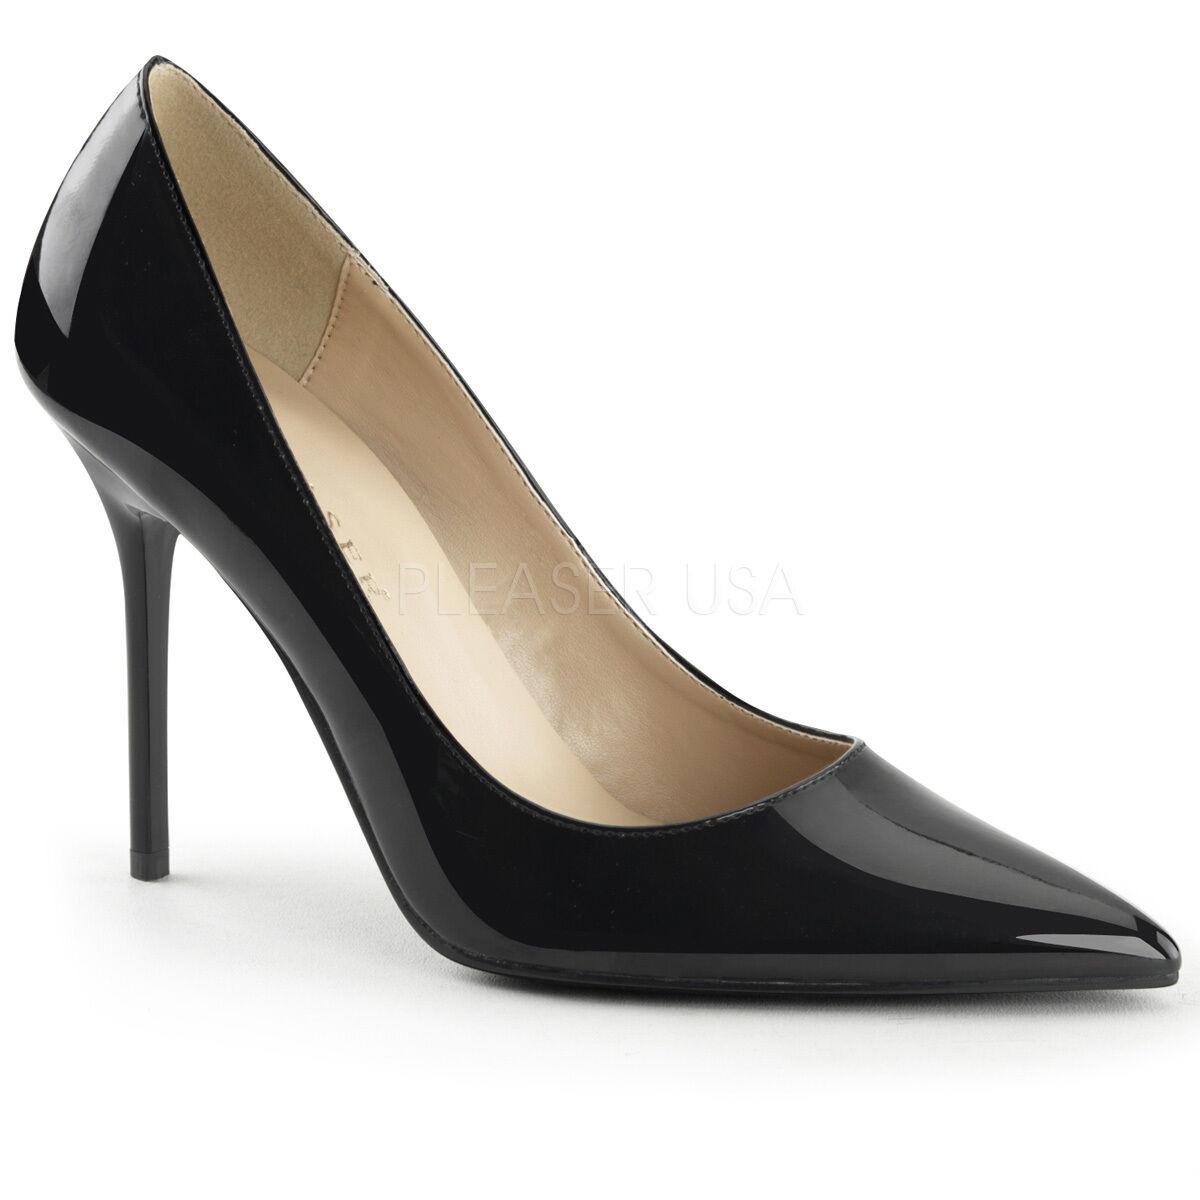 20 Verni classique Pleaser Bout Femmes Noir Pointu Classique tq5wwCzx